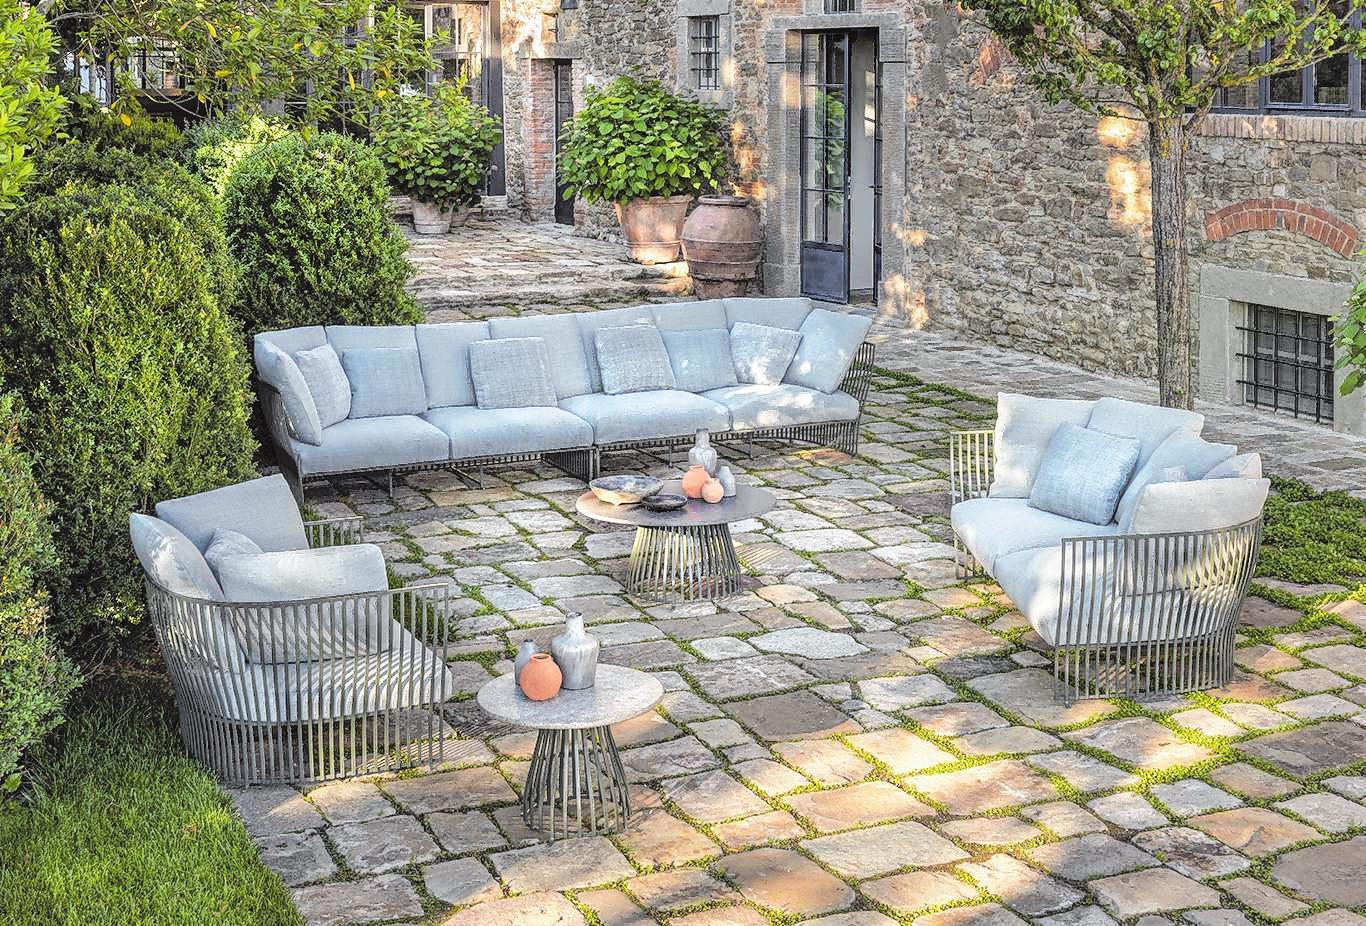 Outdoormöbel haben aktuell häufig ein reduziertes, schlichtes Design. Die Sofas und Beistelltische von Ethimo zum Beispiel wirken schlanker durch eine Lehne aus dünnen Stäben.